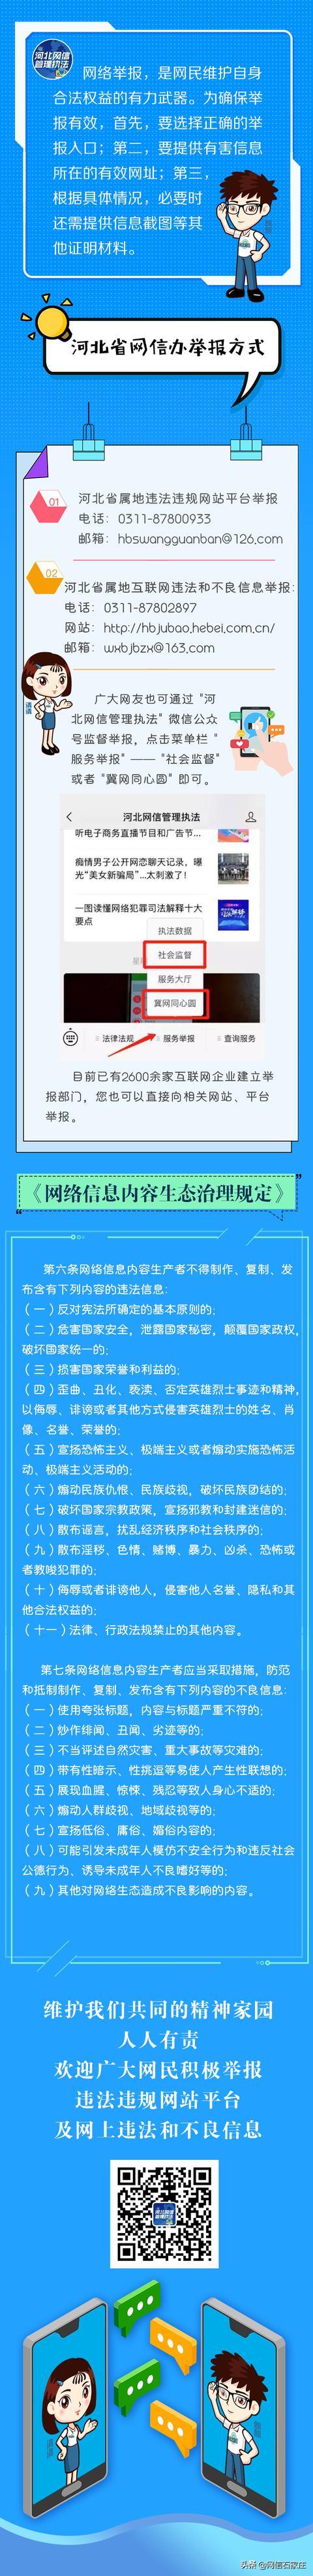 石家庄网络营销,河北省网信办启动网络恶意营销账号专项整治行动